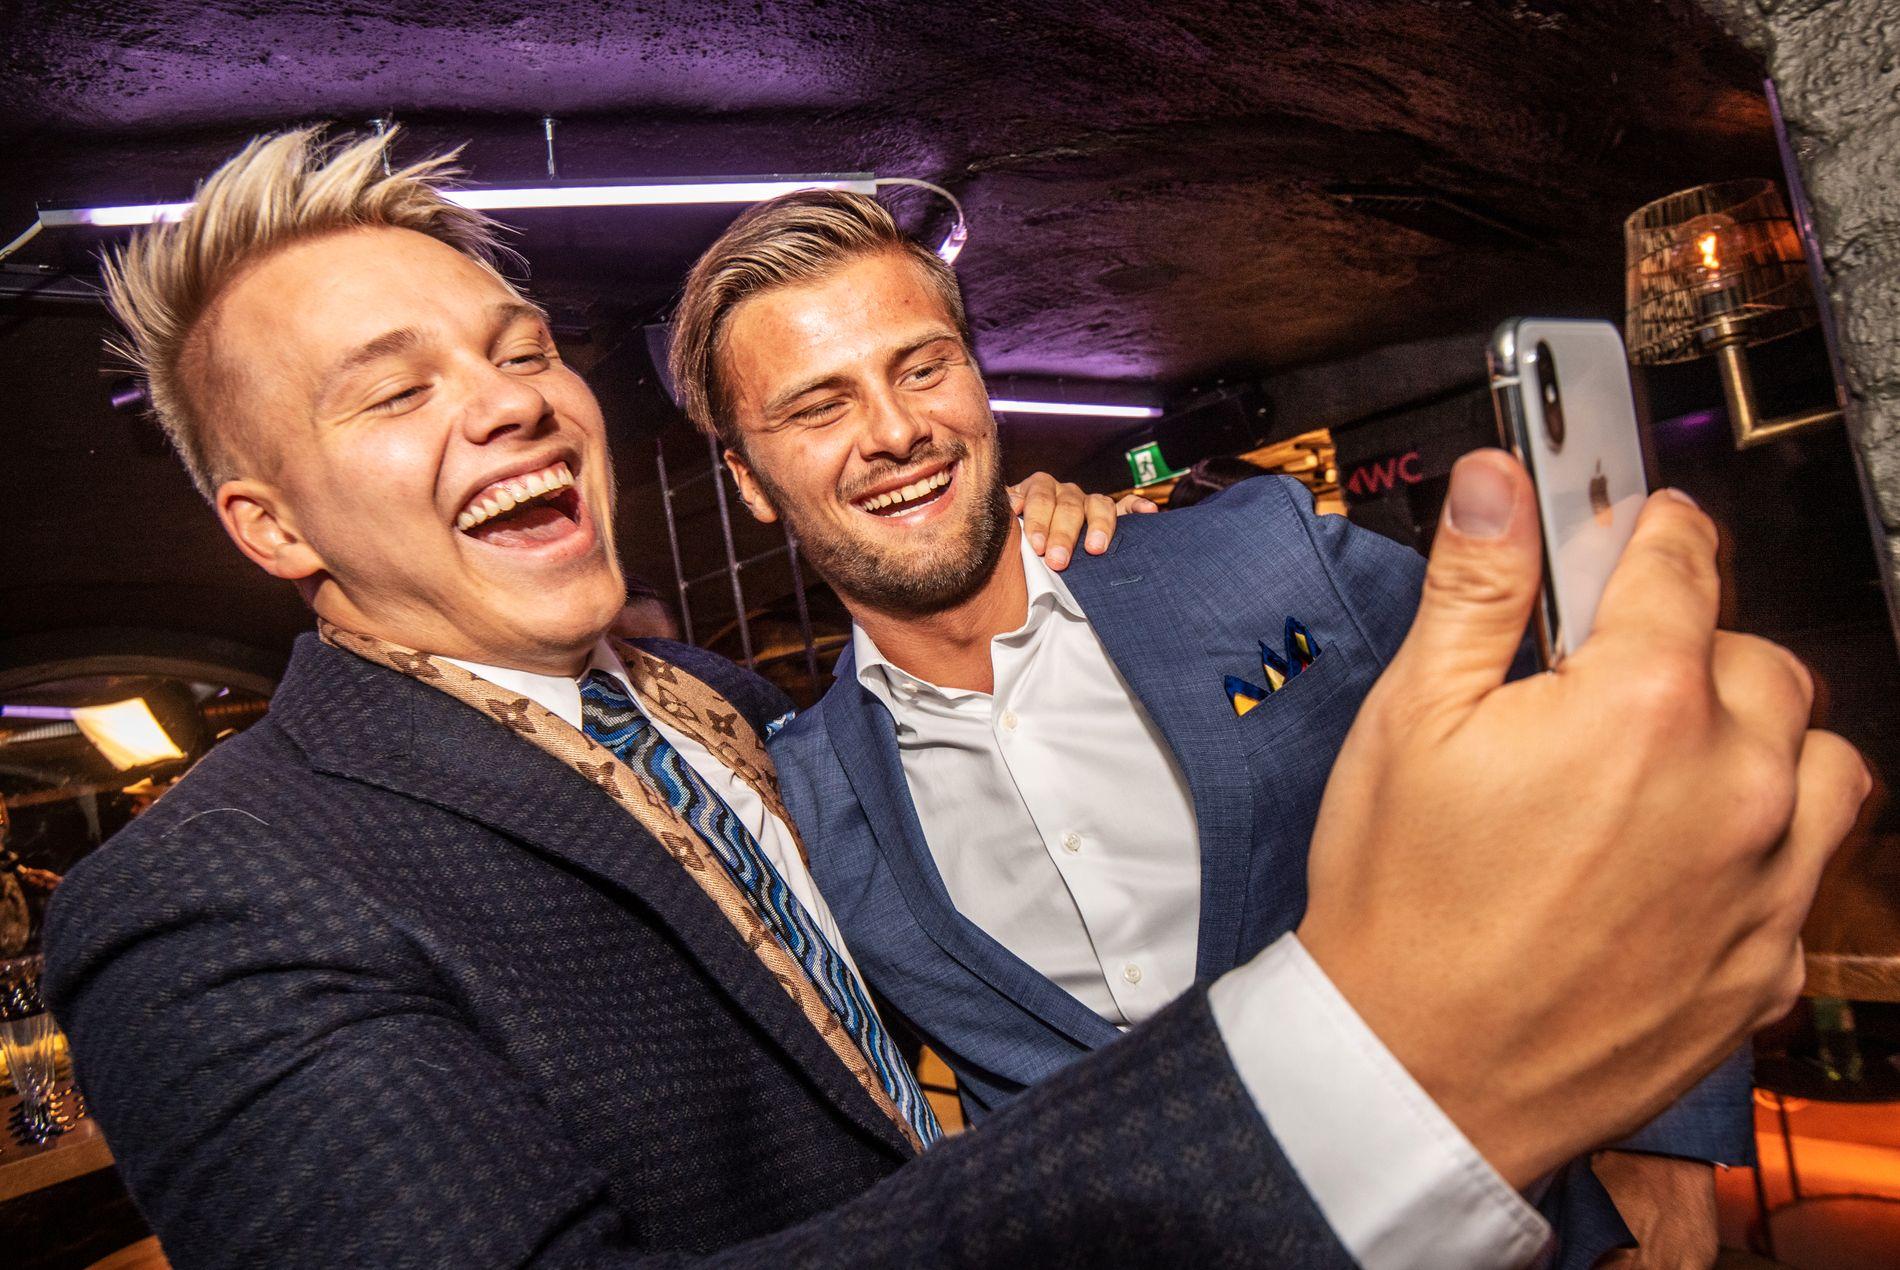 FESTKLARE: Erik Anders Sæter og Mario Riera hygget seg sammen på premierefest.